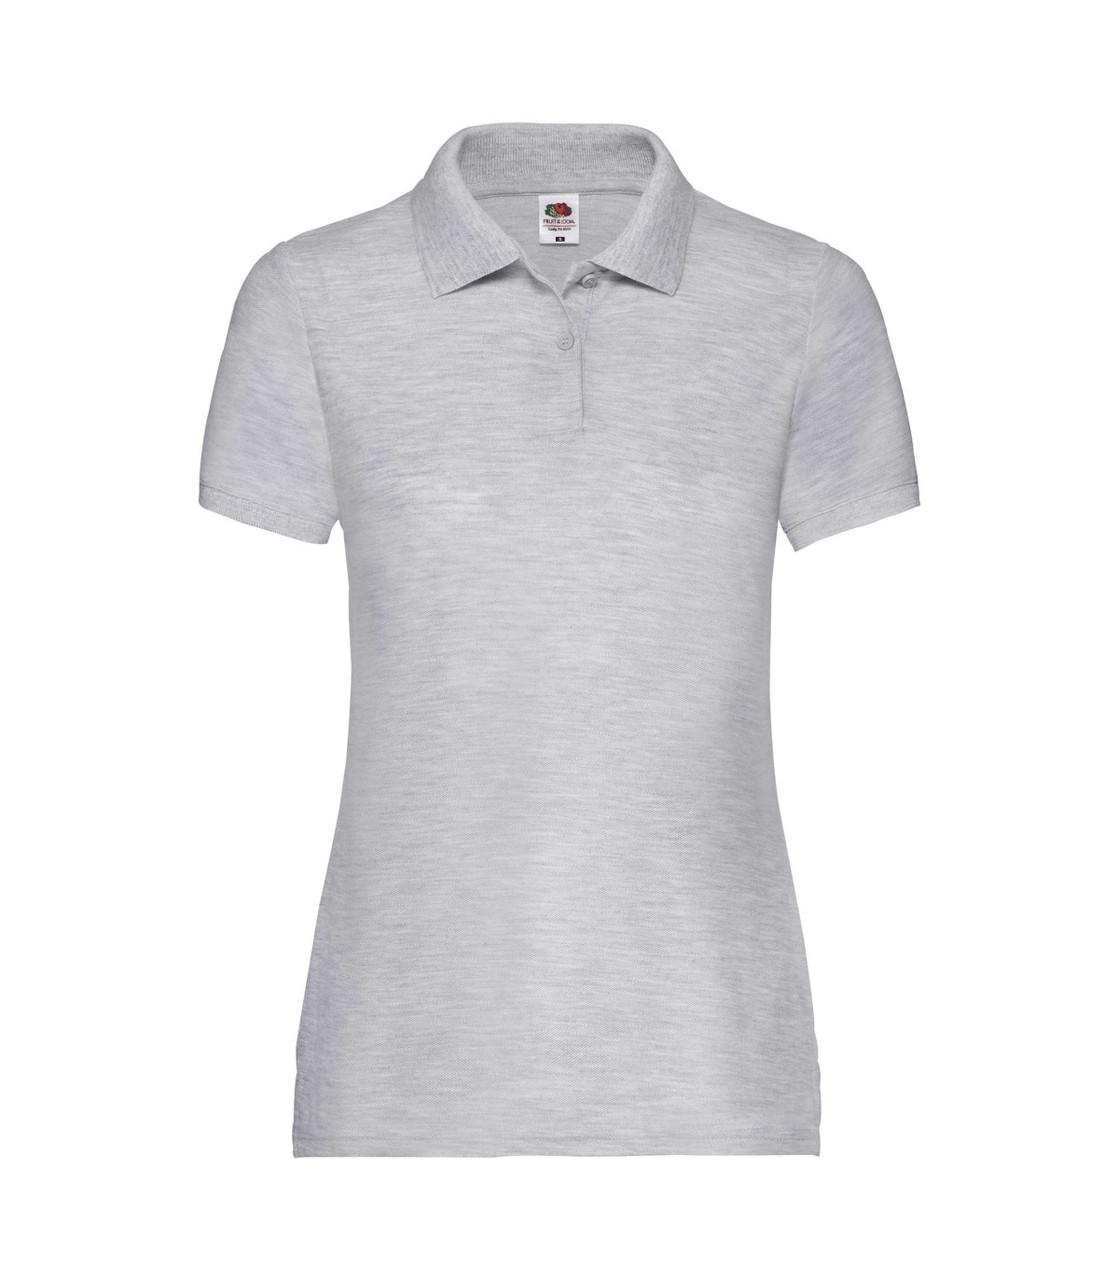 Женская футболка поло светло-серая 212-94